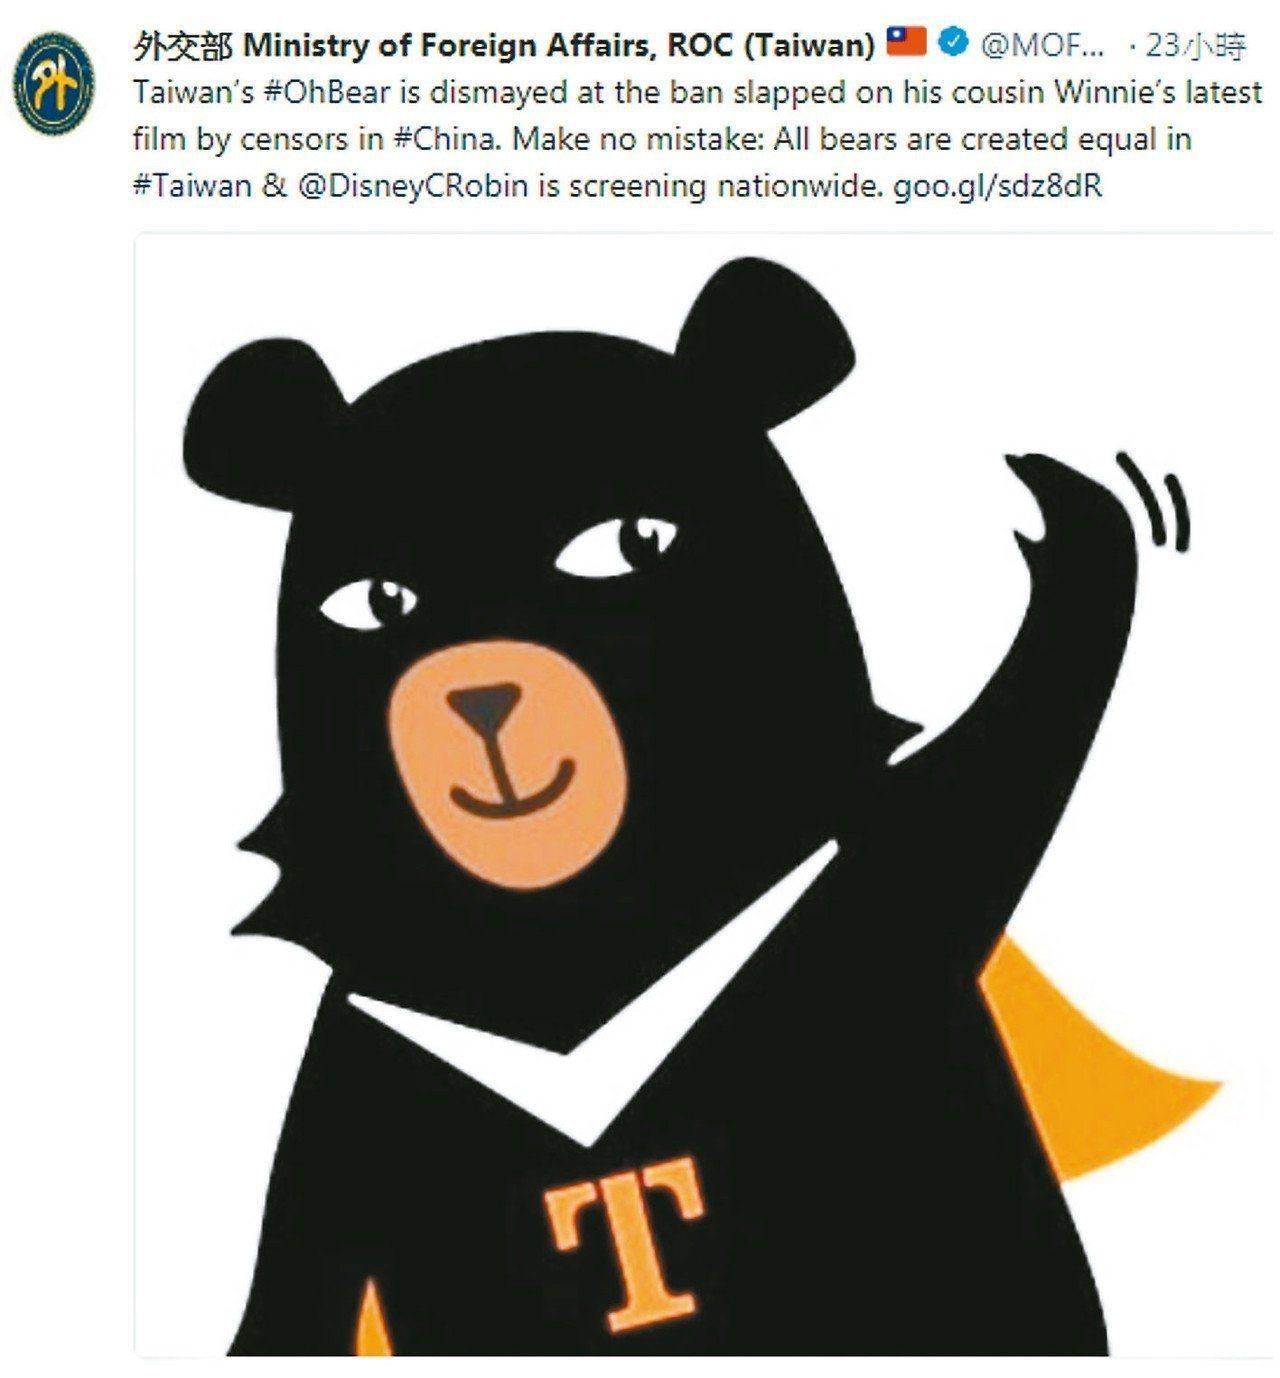 外交部推特出現一段推文,指「台灣喔熊」對遠房表親維尼熊的影片遭中國電檢單位查禁很...